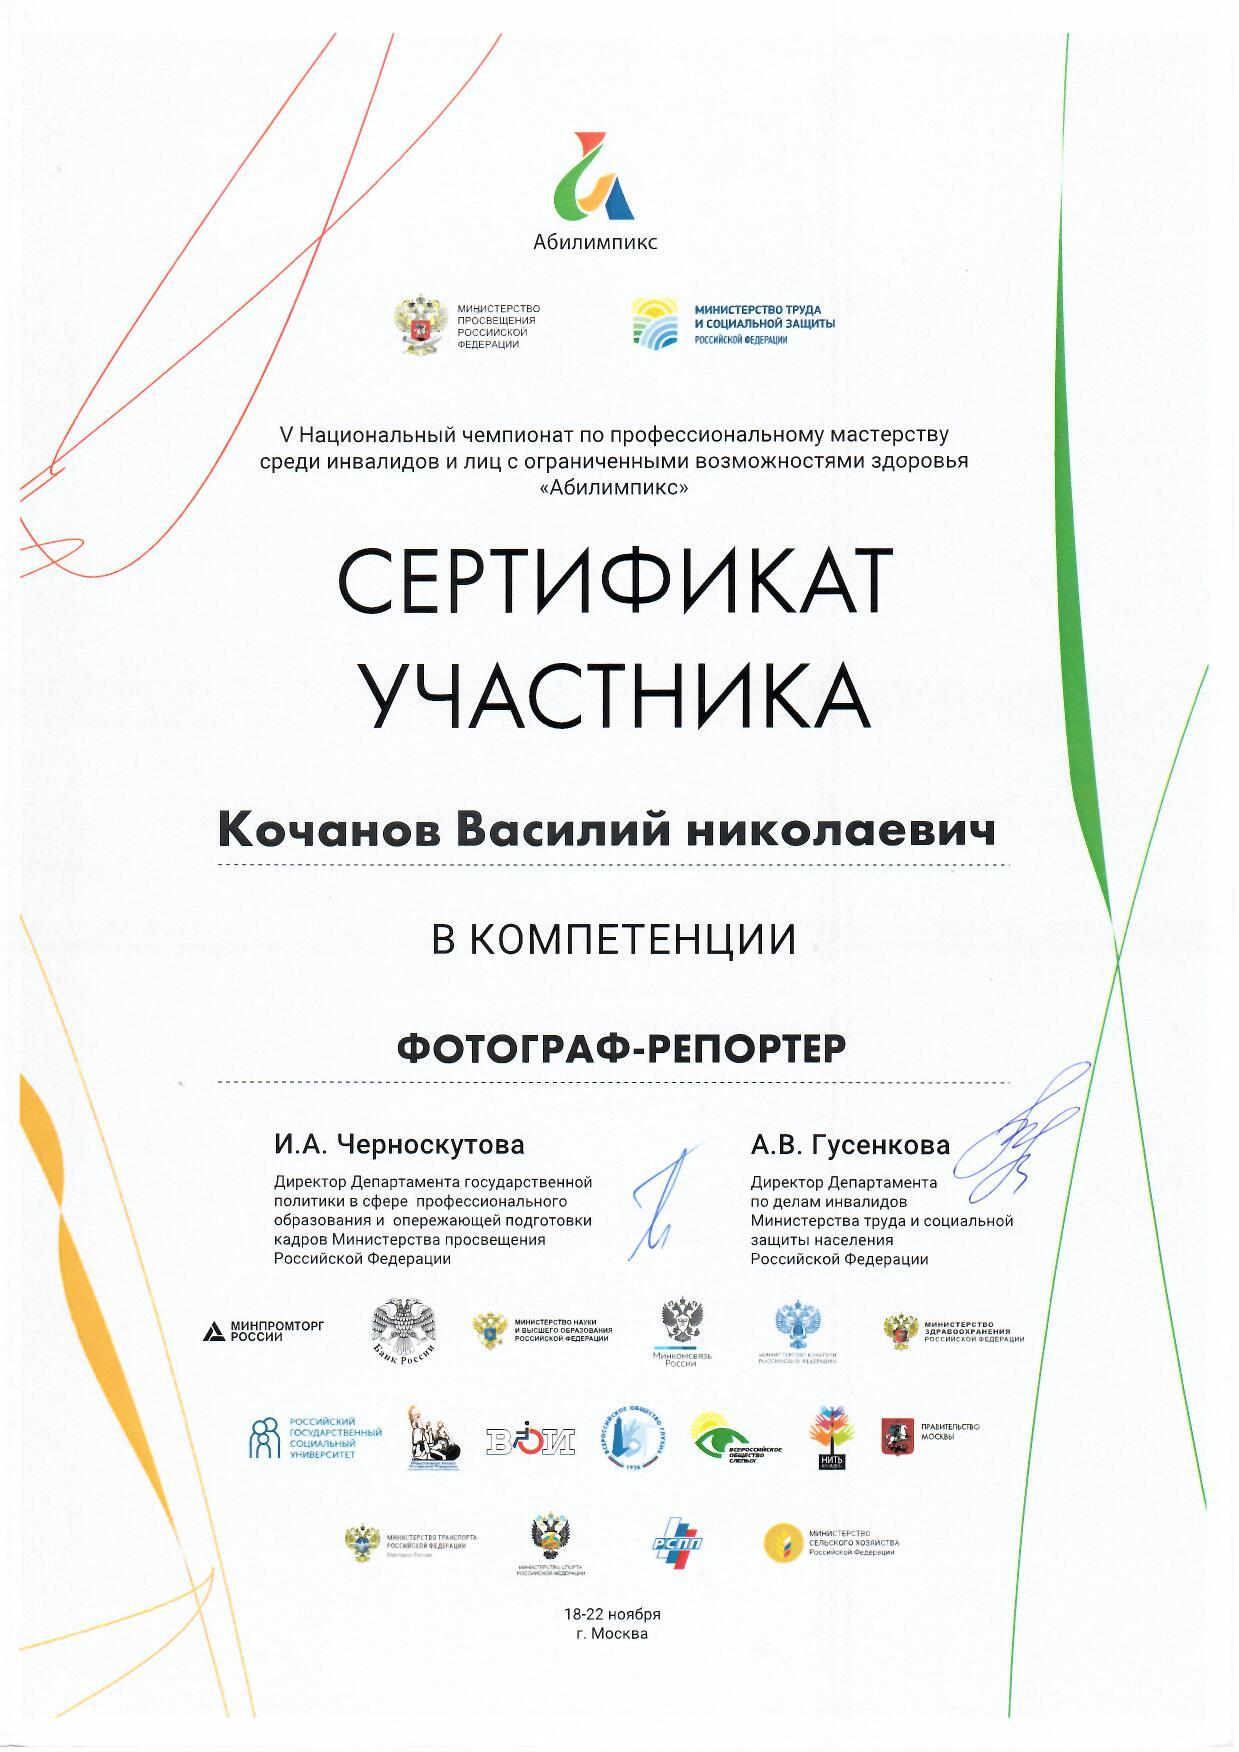 Сертификат участника по компетенции